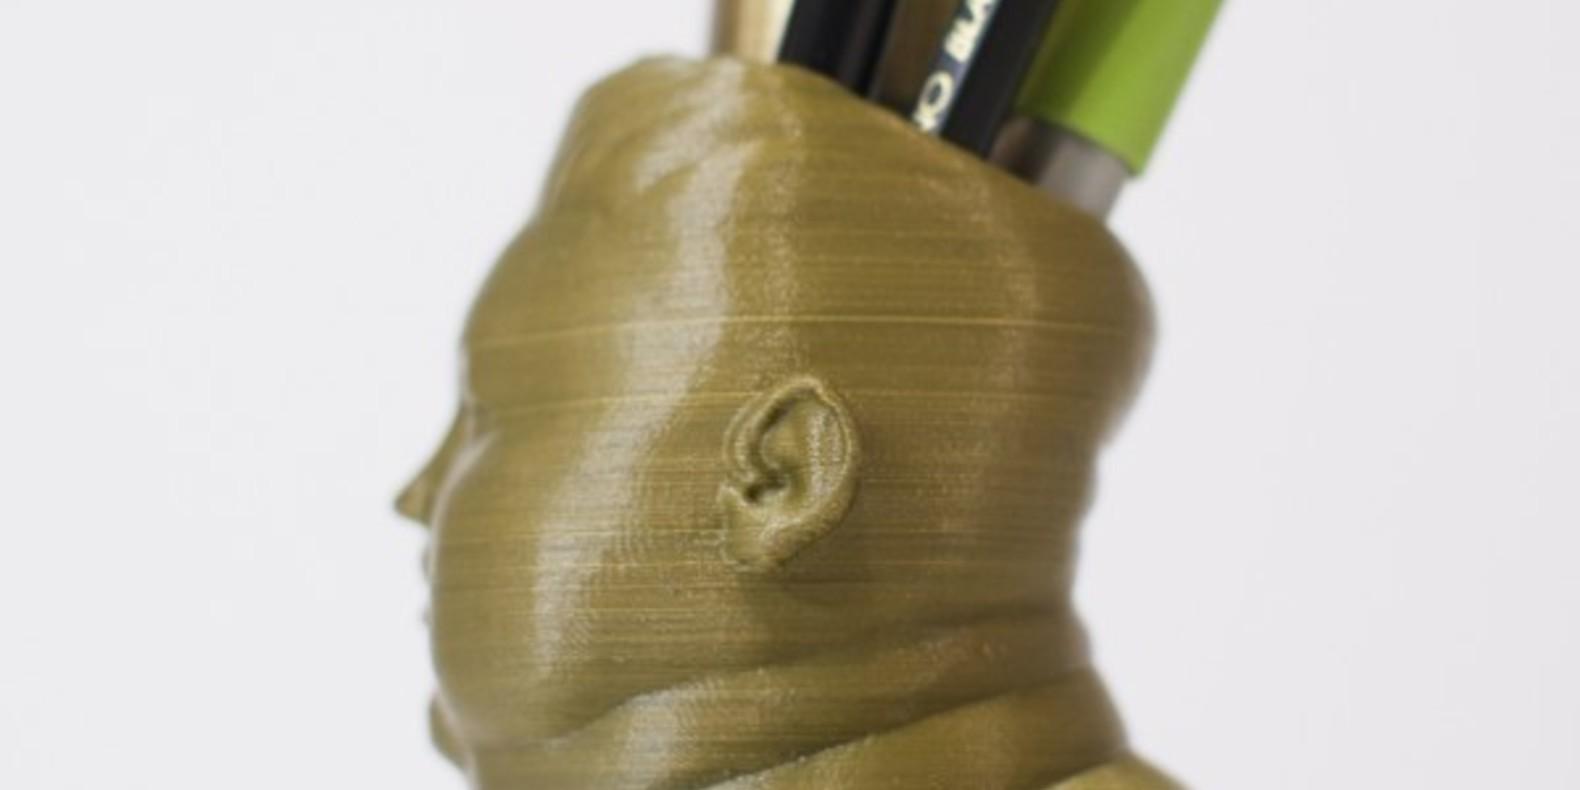 porte-crayon Kim Jong Un 3D printed bust pen porte crayon imprimé en 3D fichier 3D STL Cults